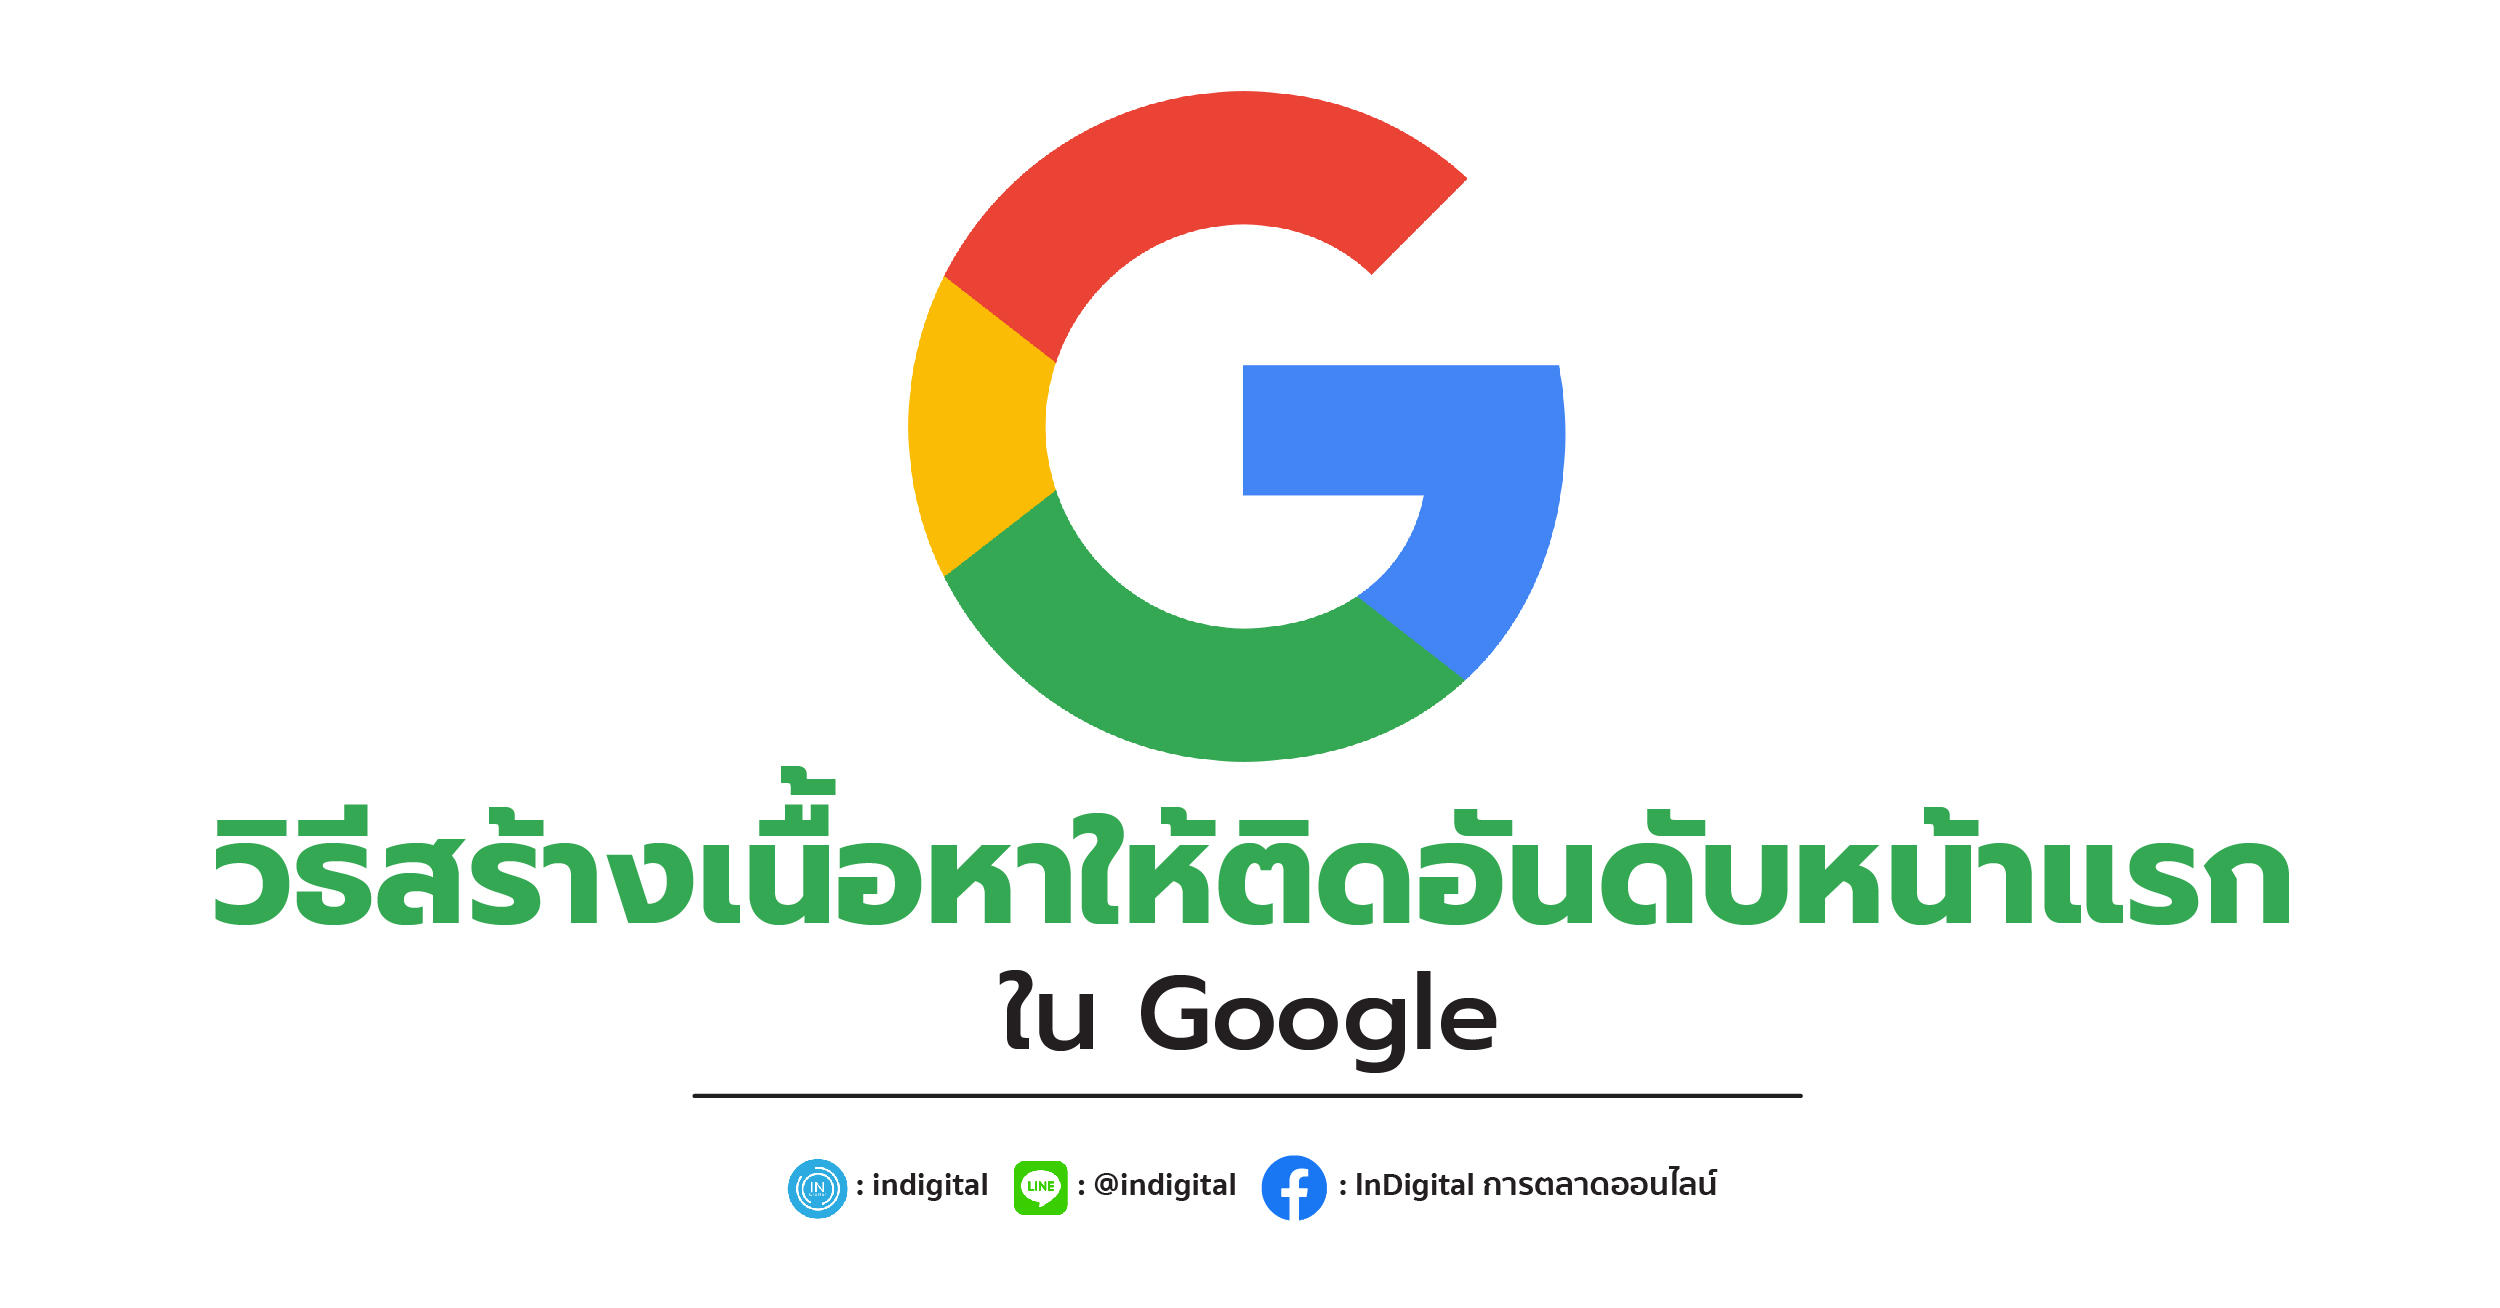 วิธีสร้างเนื้อหาให้ติดอันดับหน้าแรกใน Google